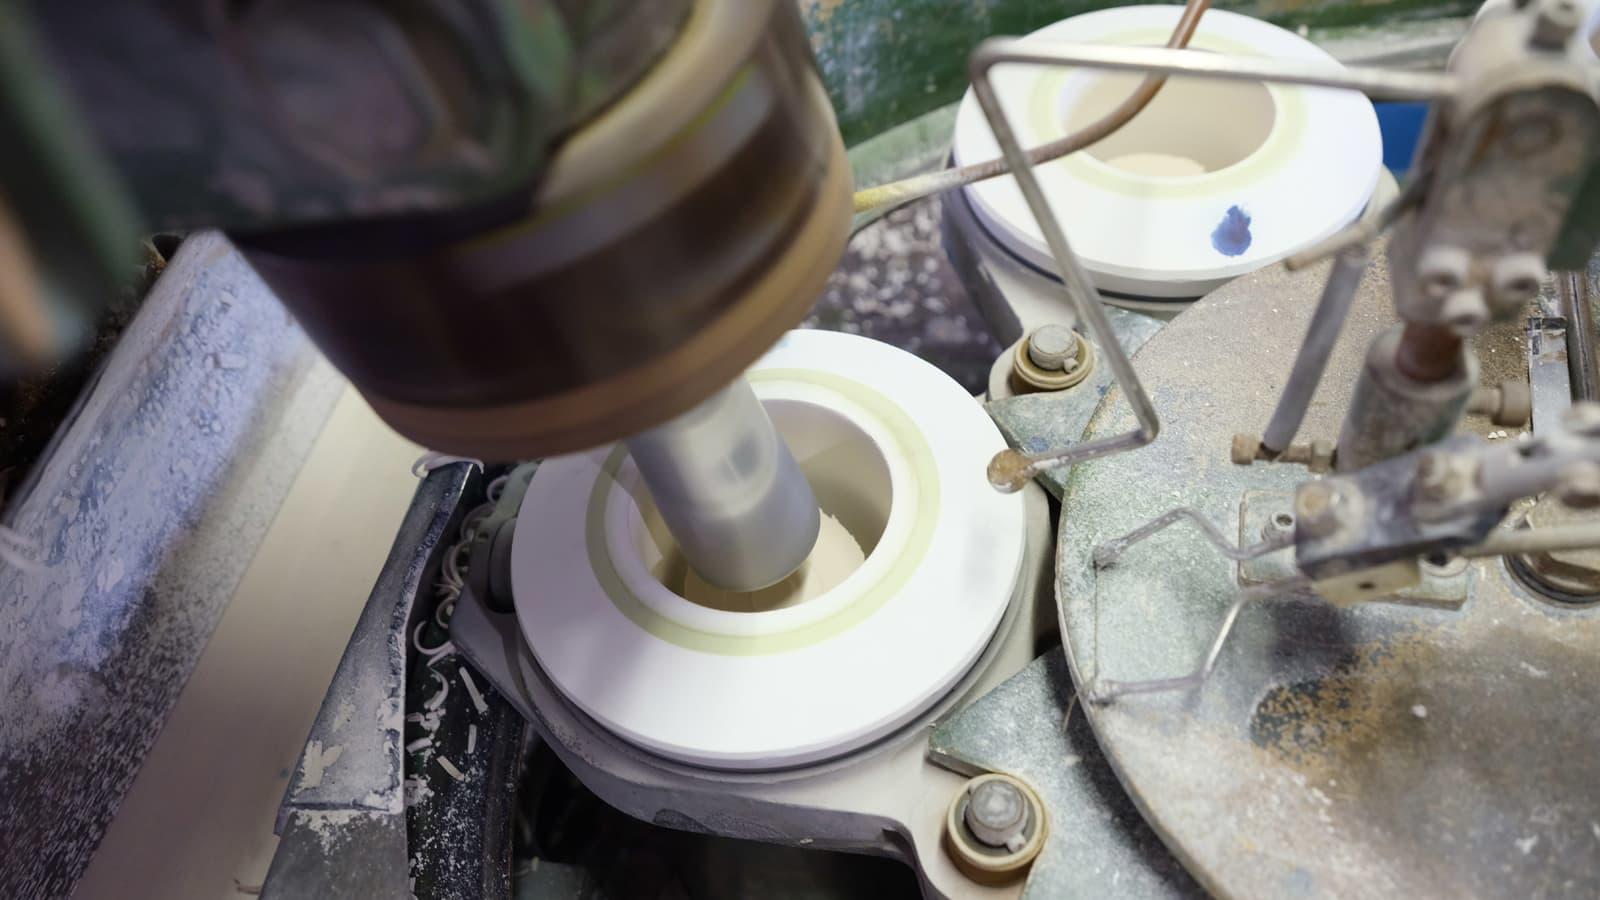 オリジナルマグカップやプレートの成形方法